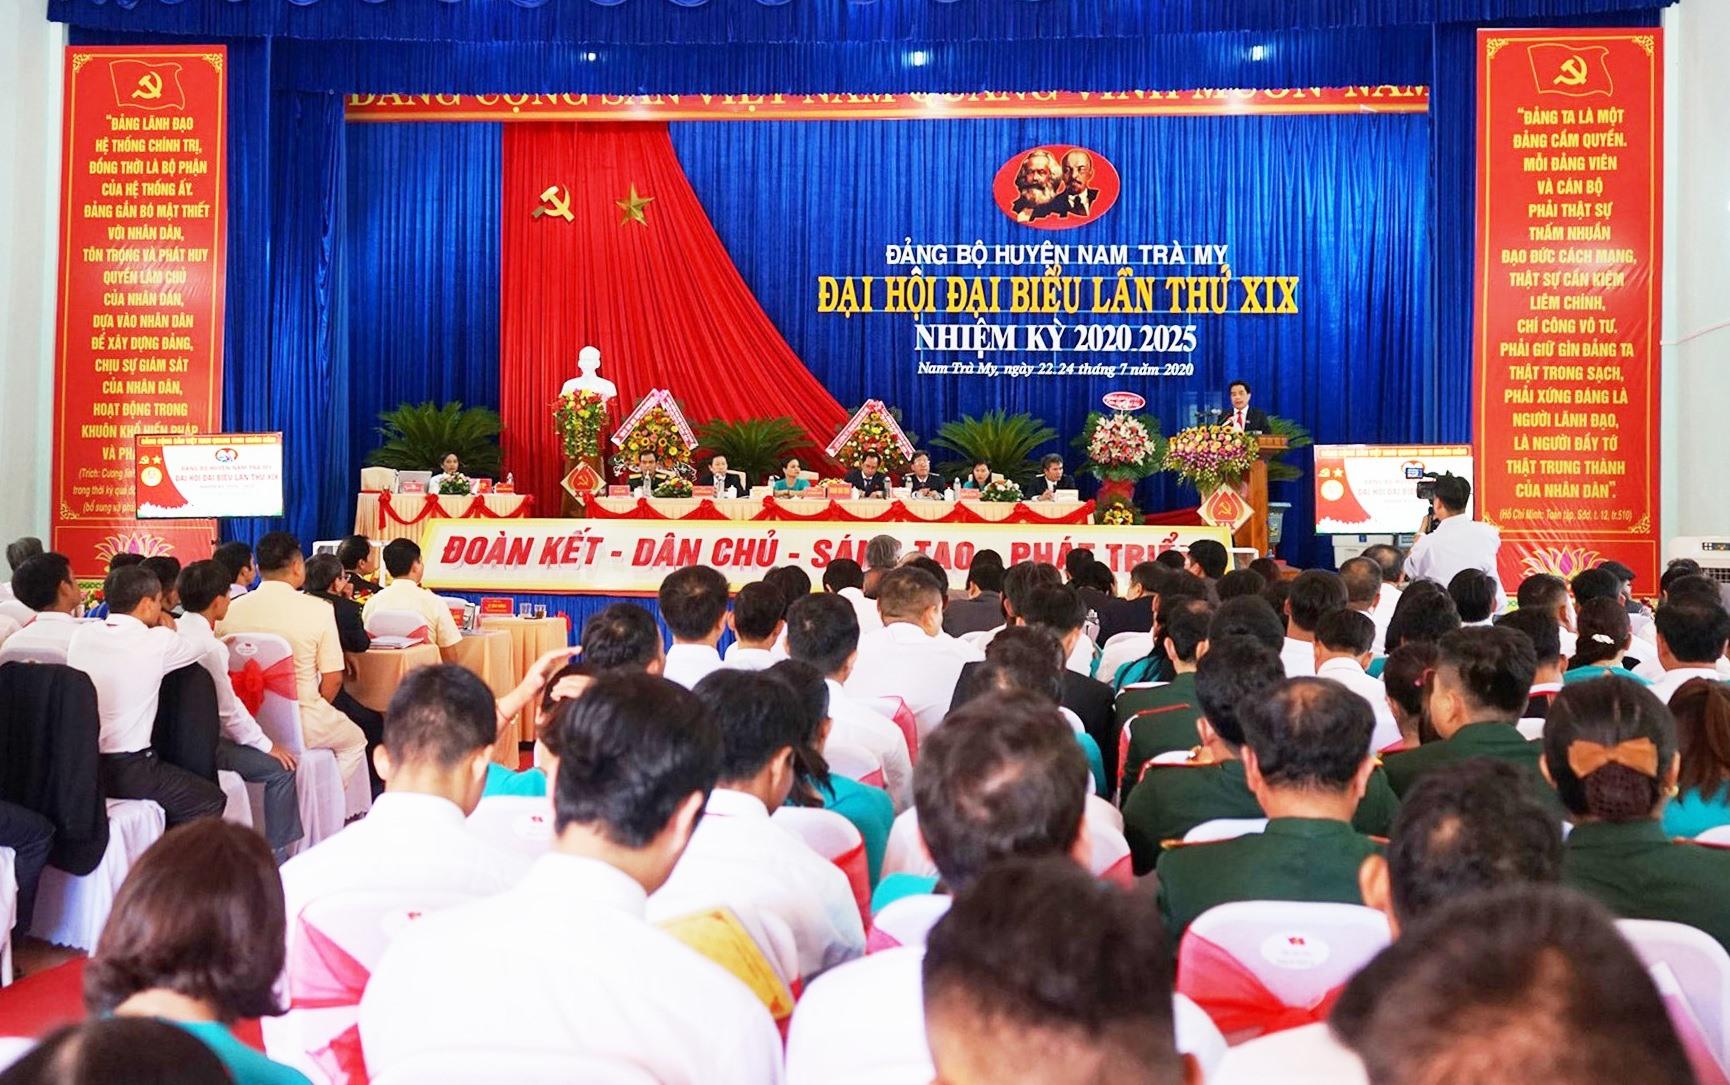 Đại hội khai mạc phiên chính thức vào sáng nay, ngày 23.7. Ảnh: N.S